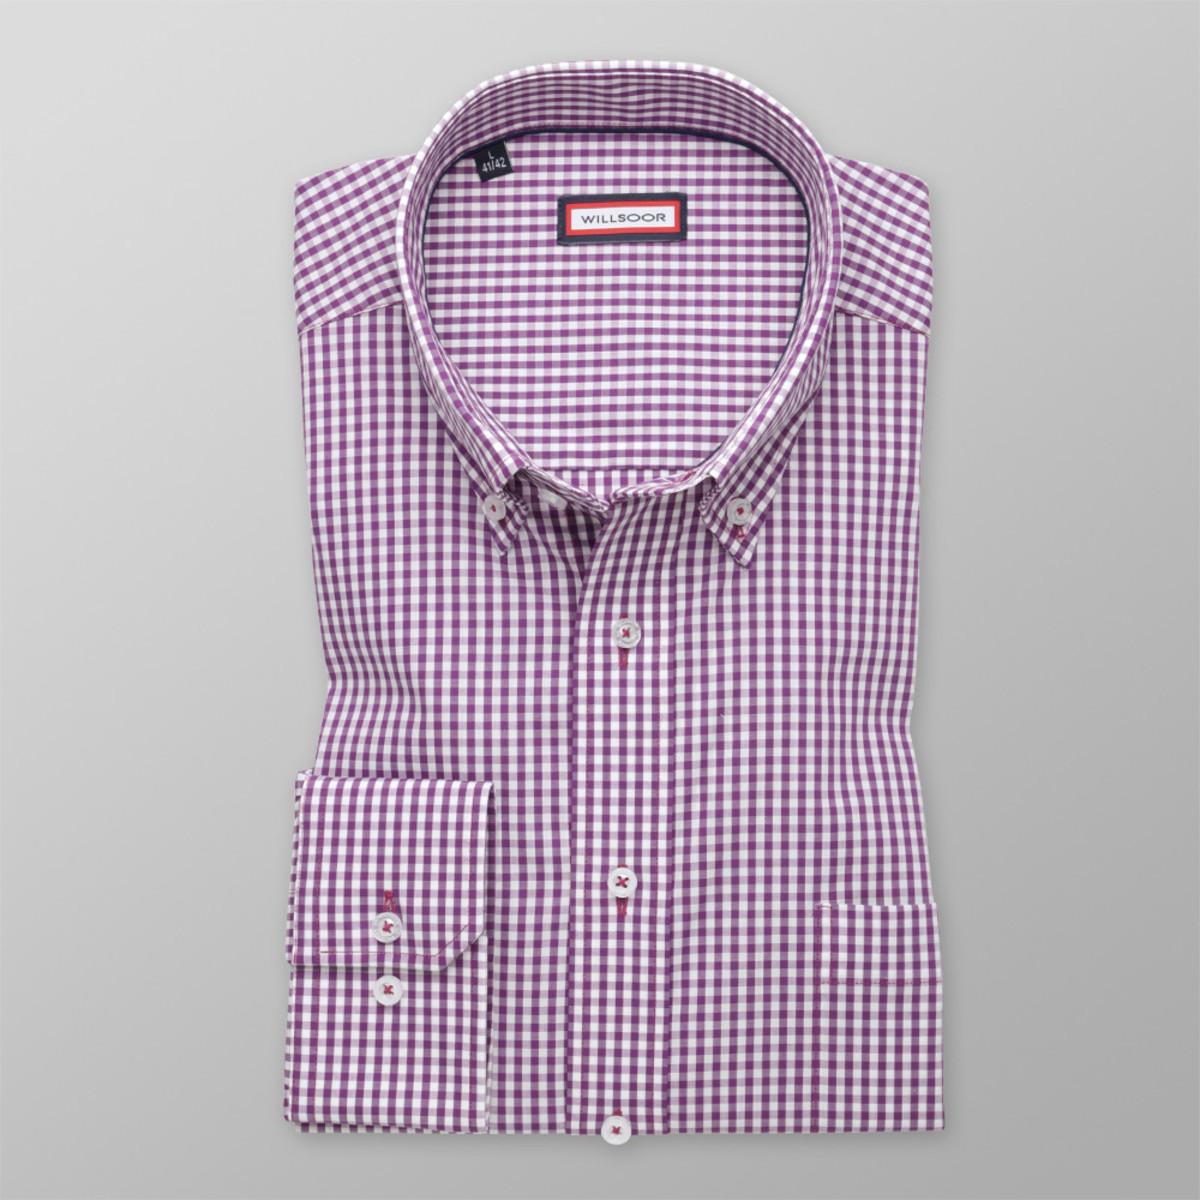 Košile klasická se vzorem gingham (výška 176-182) 9889 176-182 / L (41/42)